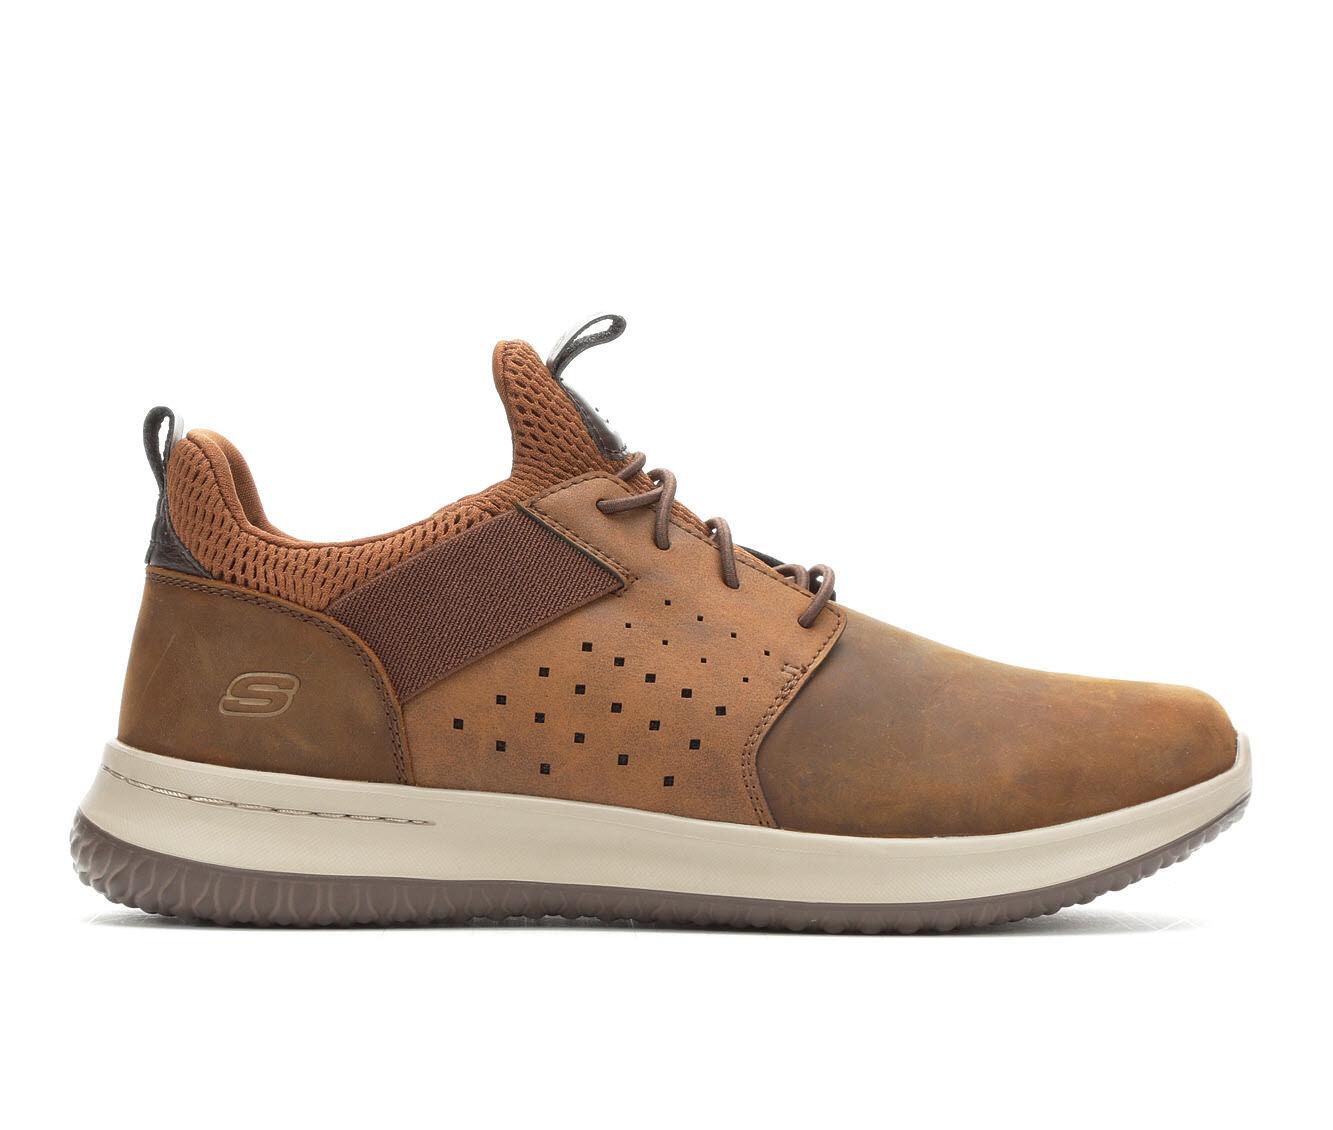 Men's Skechers Axton 65870 Sneakers Crazy Horse